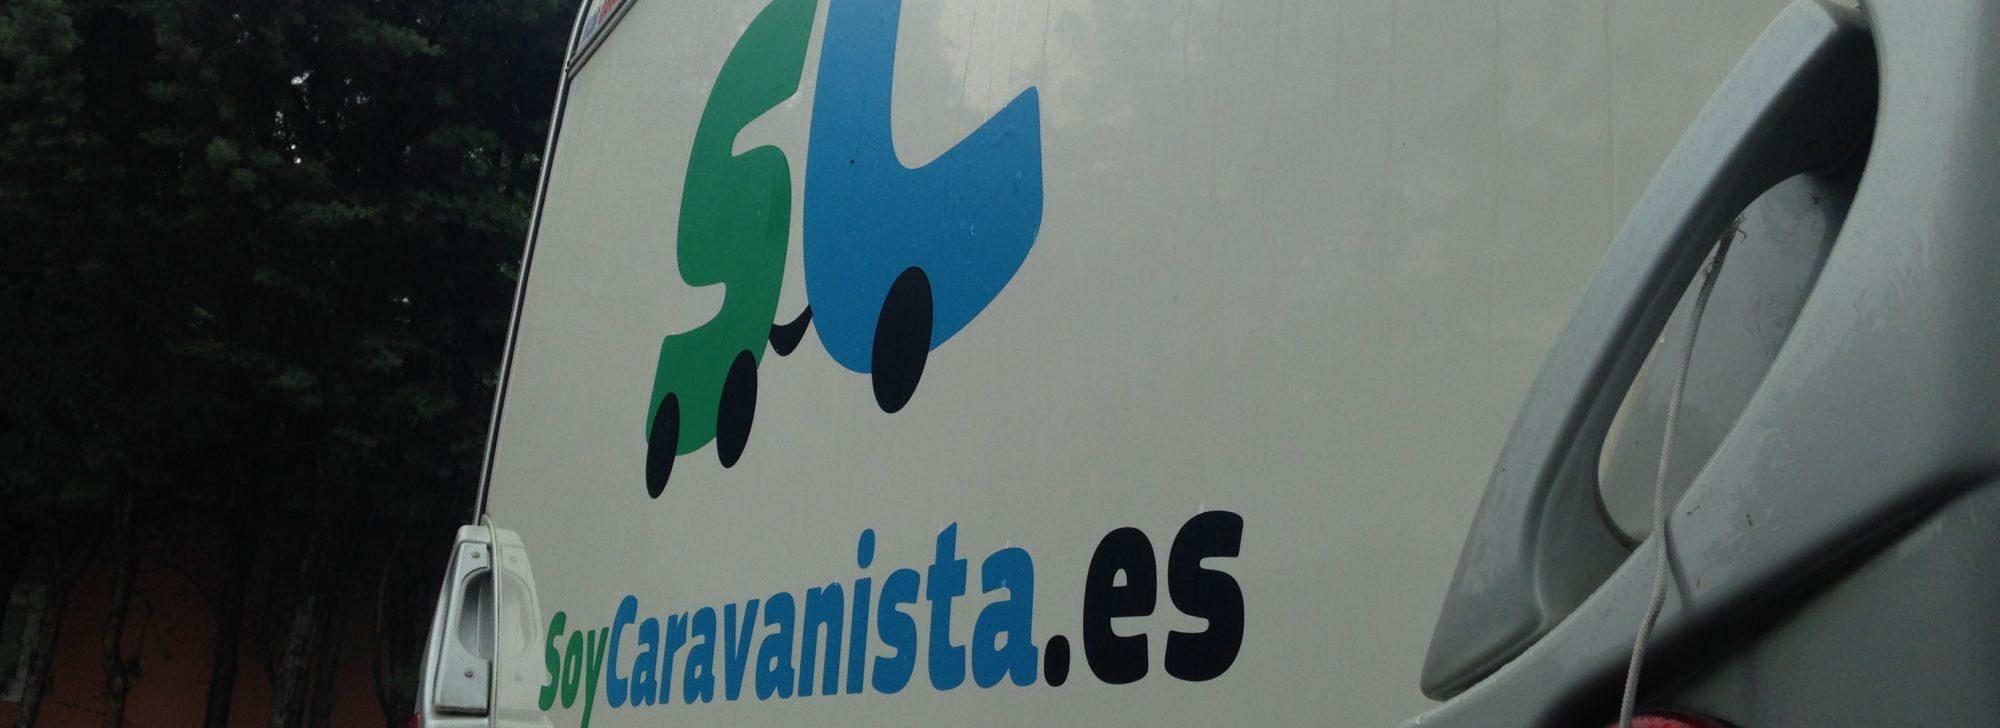 SoyCaravanista.es